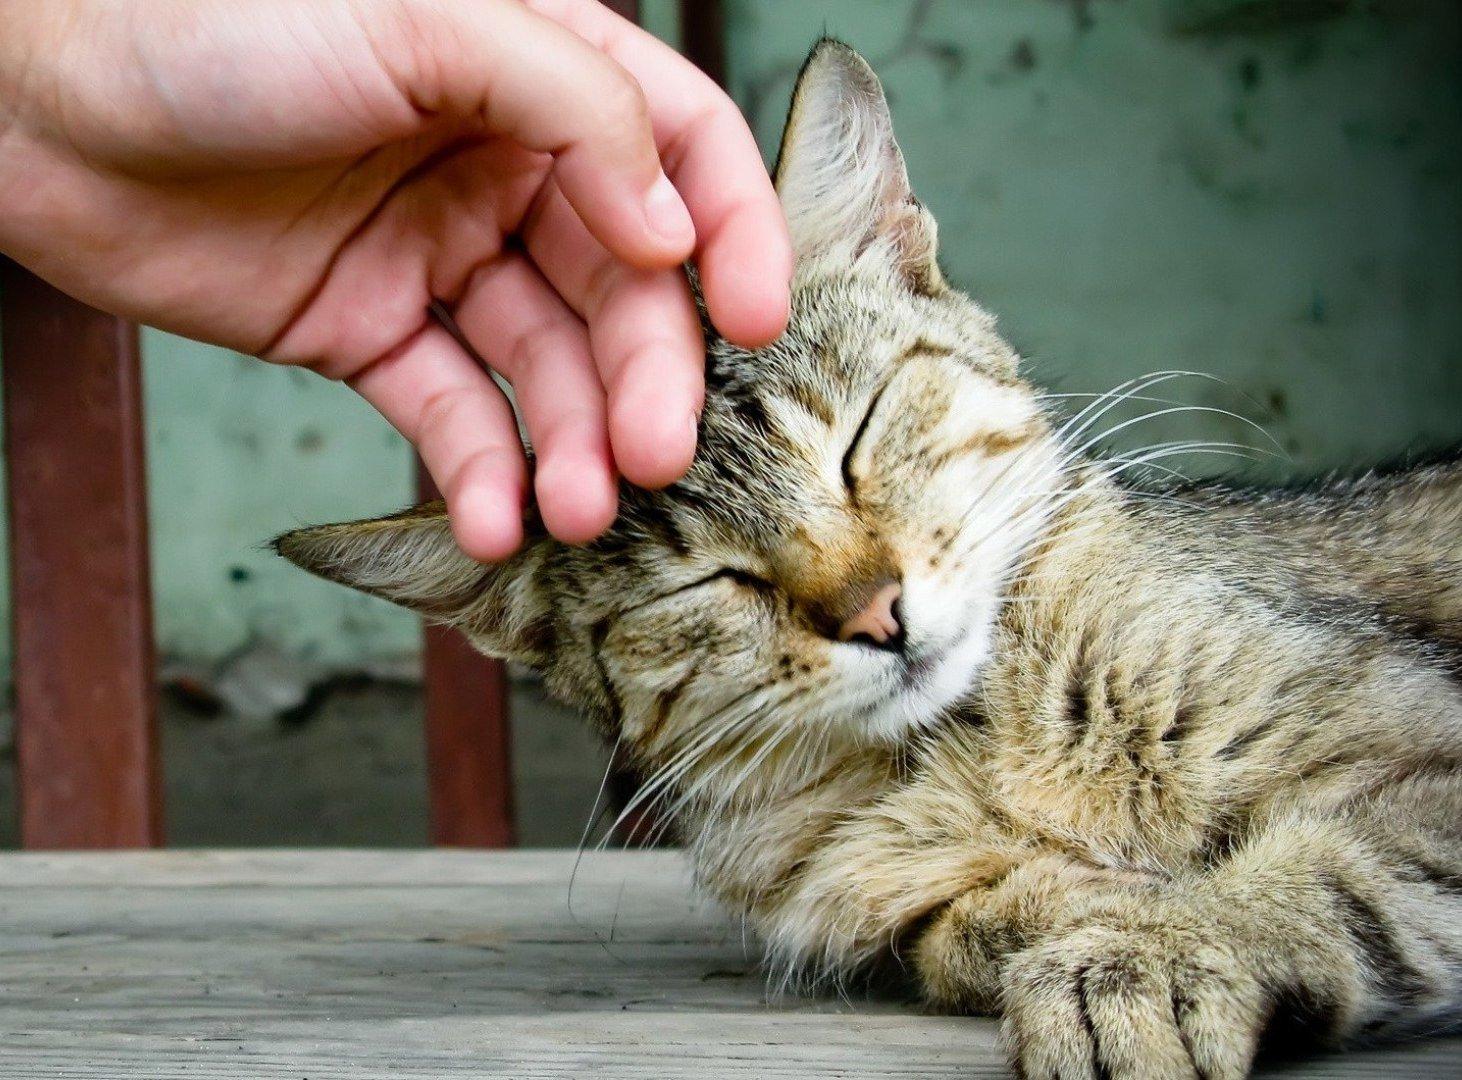 После обработки коготков нужно похвалить кота за выдержку